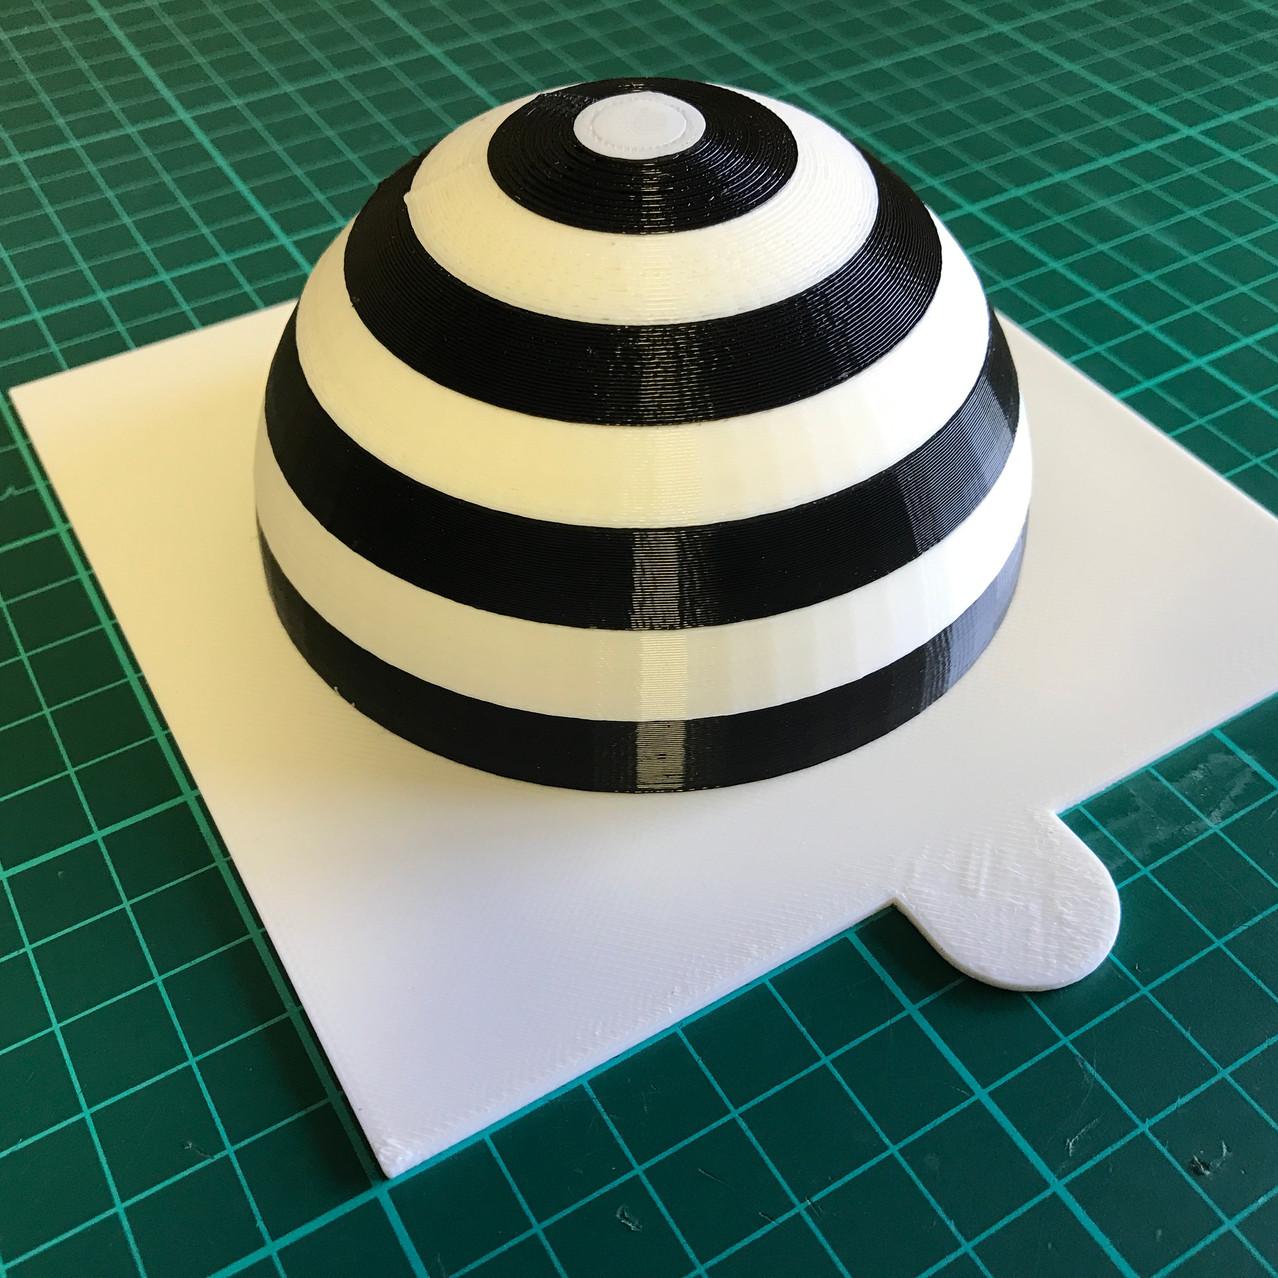 3D Printed Sphere Stimuli